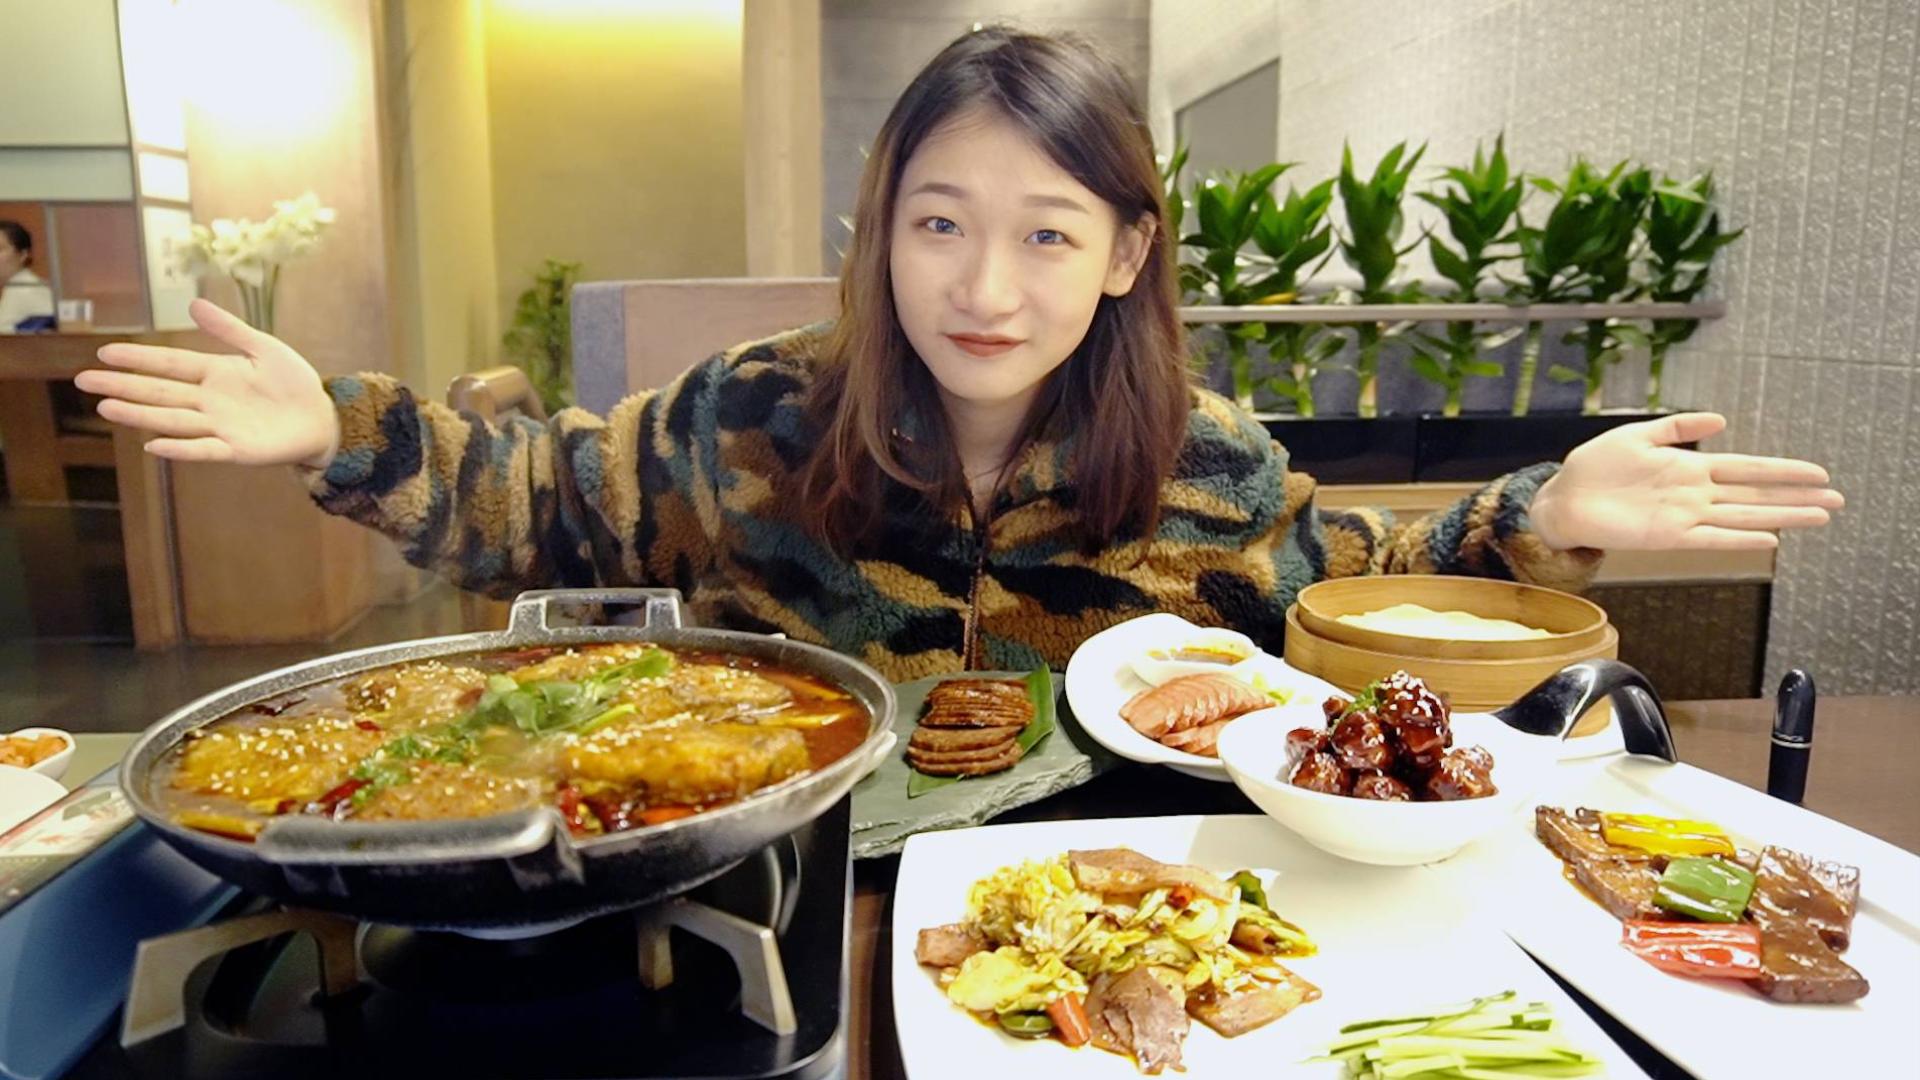 中国式人造肉味道怎么样?居然还做出了糖醋排骨!